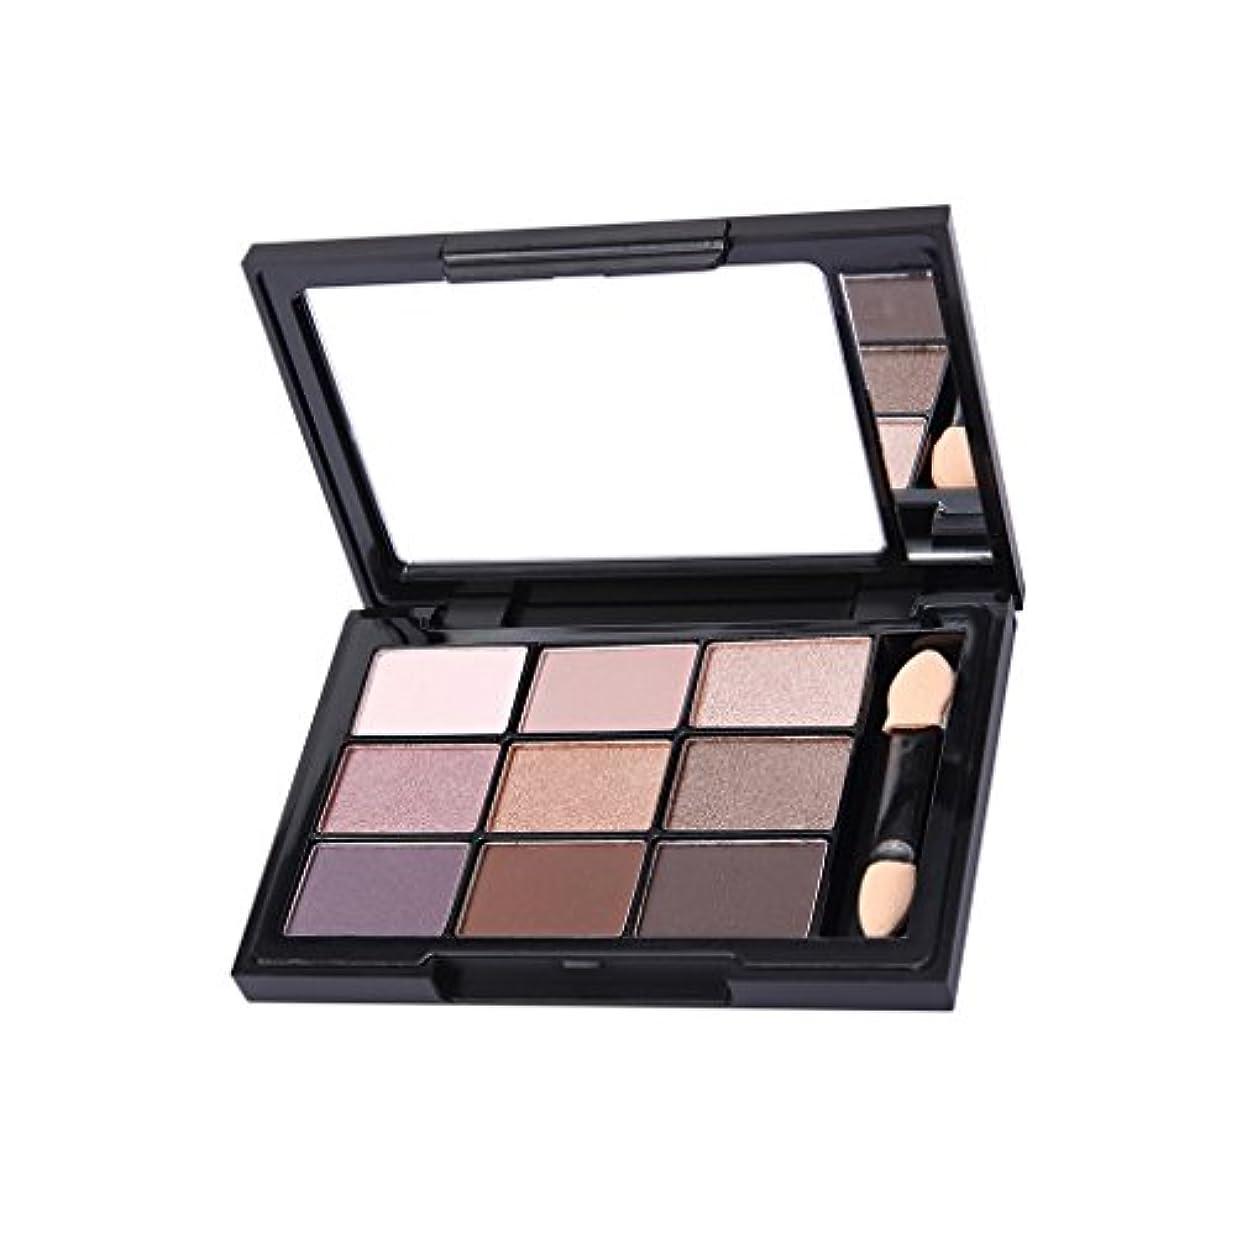 連合女性迅速9色 パレットセット メイクアップ アイシャドウ 素敵な 目化粧用 日常カラー 全4種 - 多色1